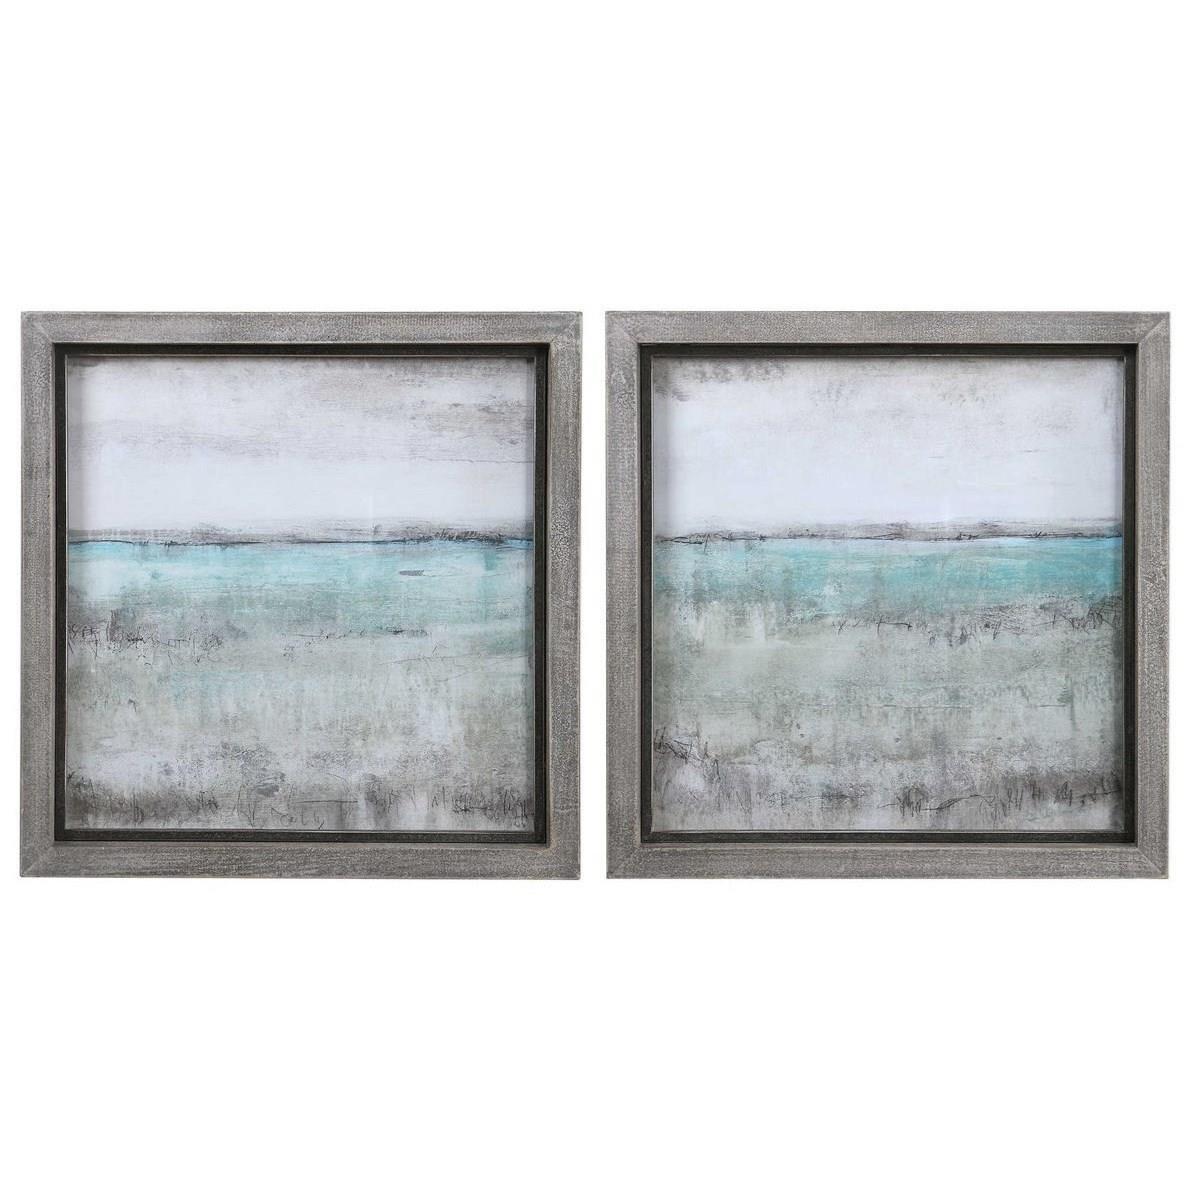 Framed Prints Aqua Horizon Framed Prints, Set/2 by Uttermost at Story & Lee Furniture